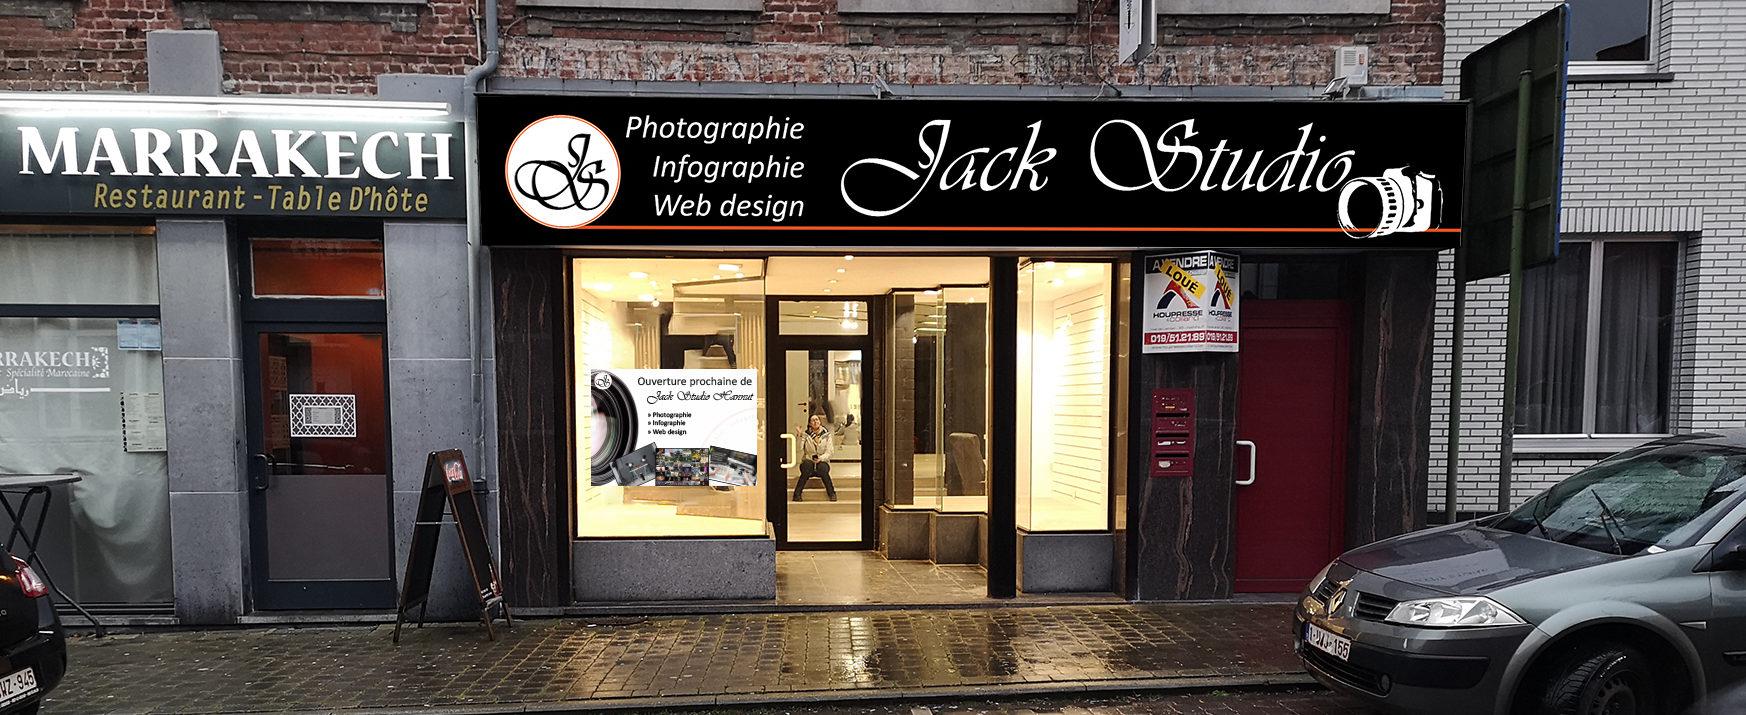 Enseigne Jack studio